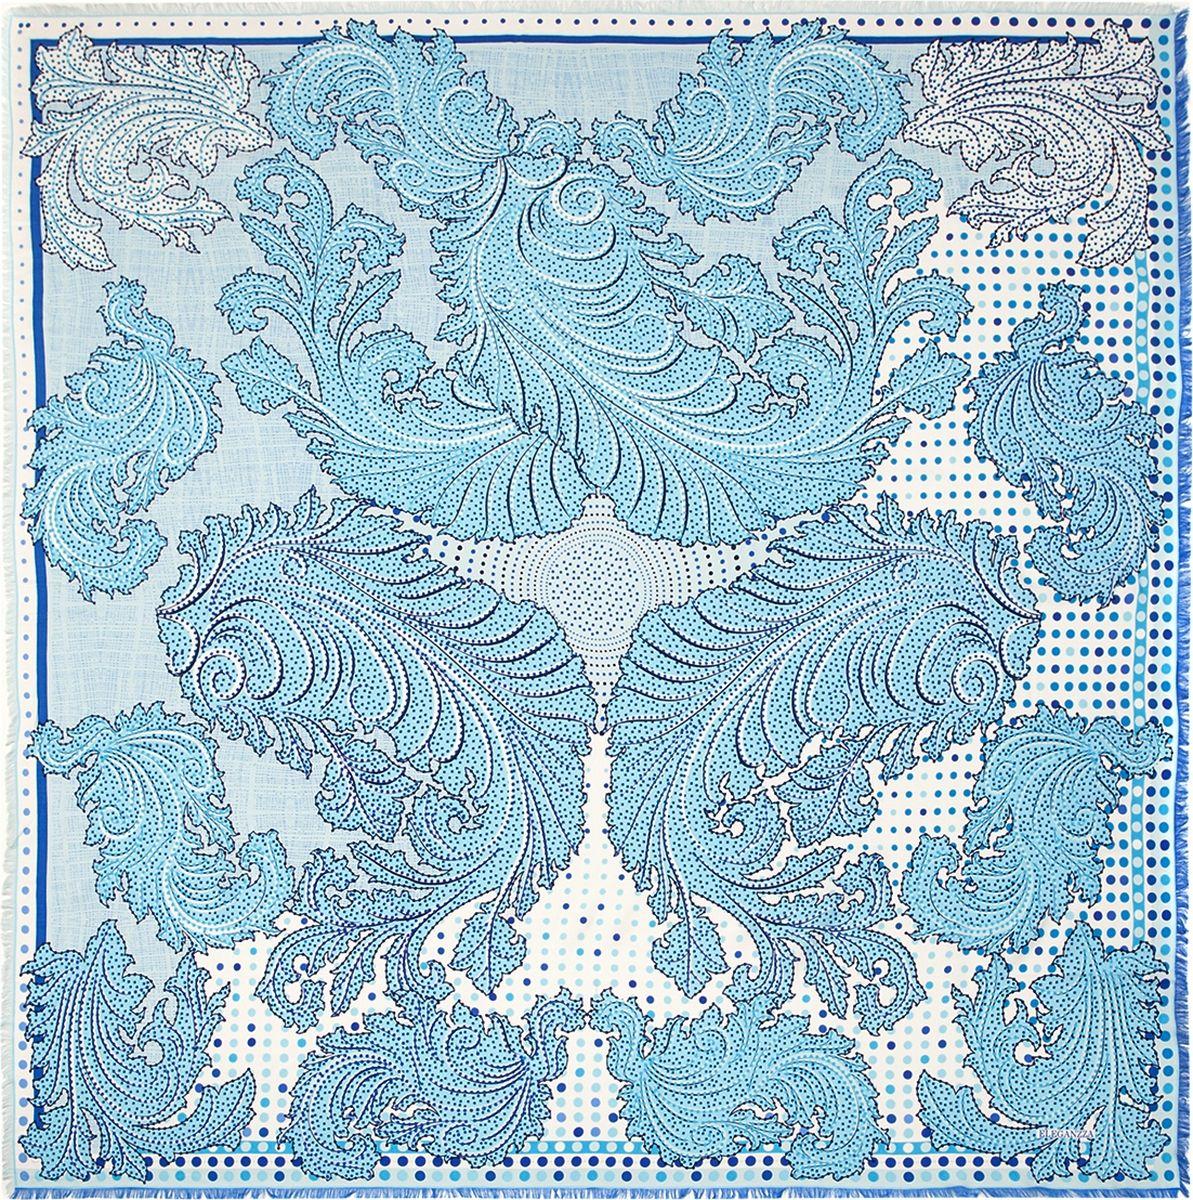 Платок женский Eleganzza, цвет: голубой. D34-1203. Размер 110 см х 110 смD34-1203Платок Eleganzza, выполненный из вискозы и шелка, идеально дополнит образ современной женщины. Модель оформлена принтом с узорами. Классическая квадратная форма позволяет носить платок на шее, украшать им прическу или декорировать сумочку. С таким замечательным аксессуаром вы всегда будете выглядеть женственно и привлекательно.